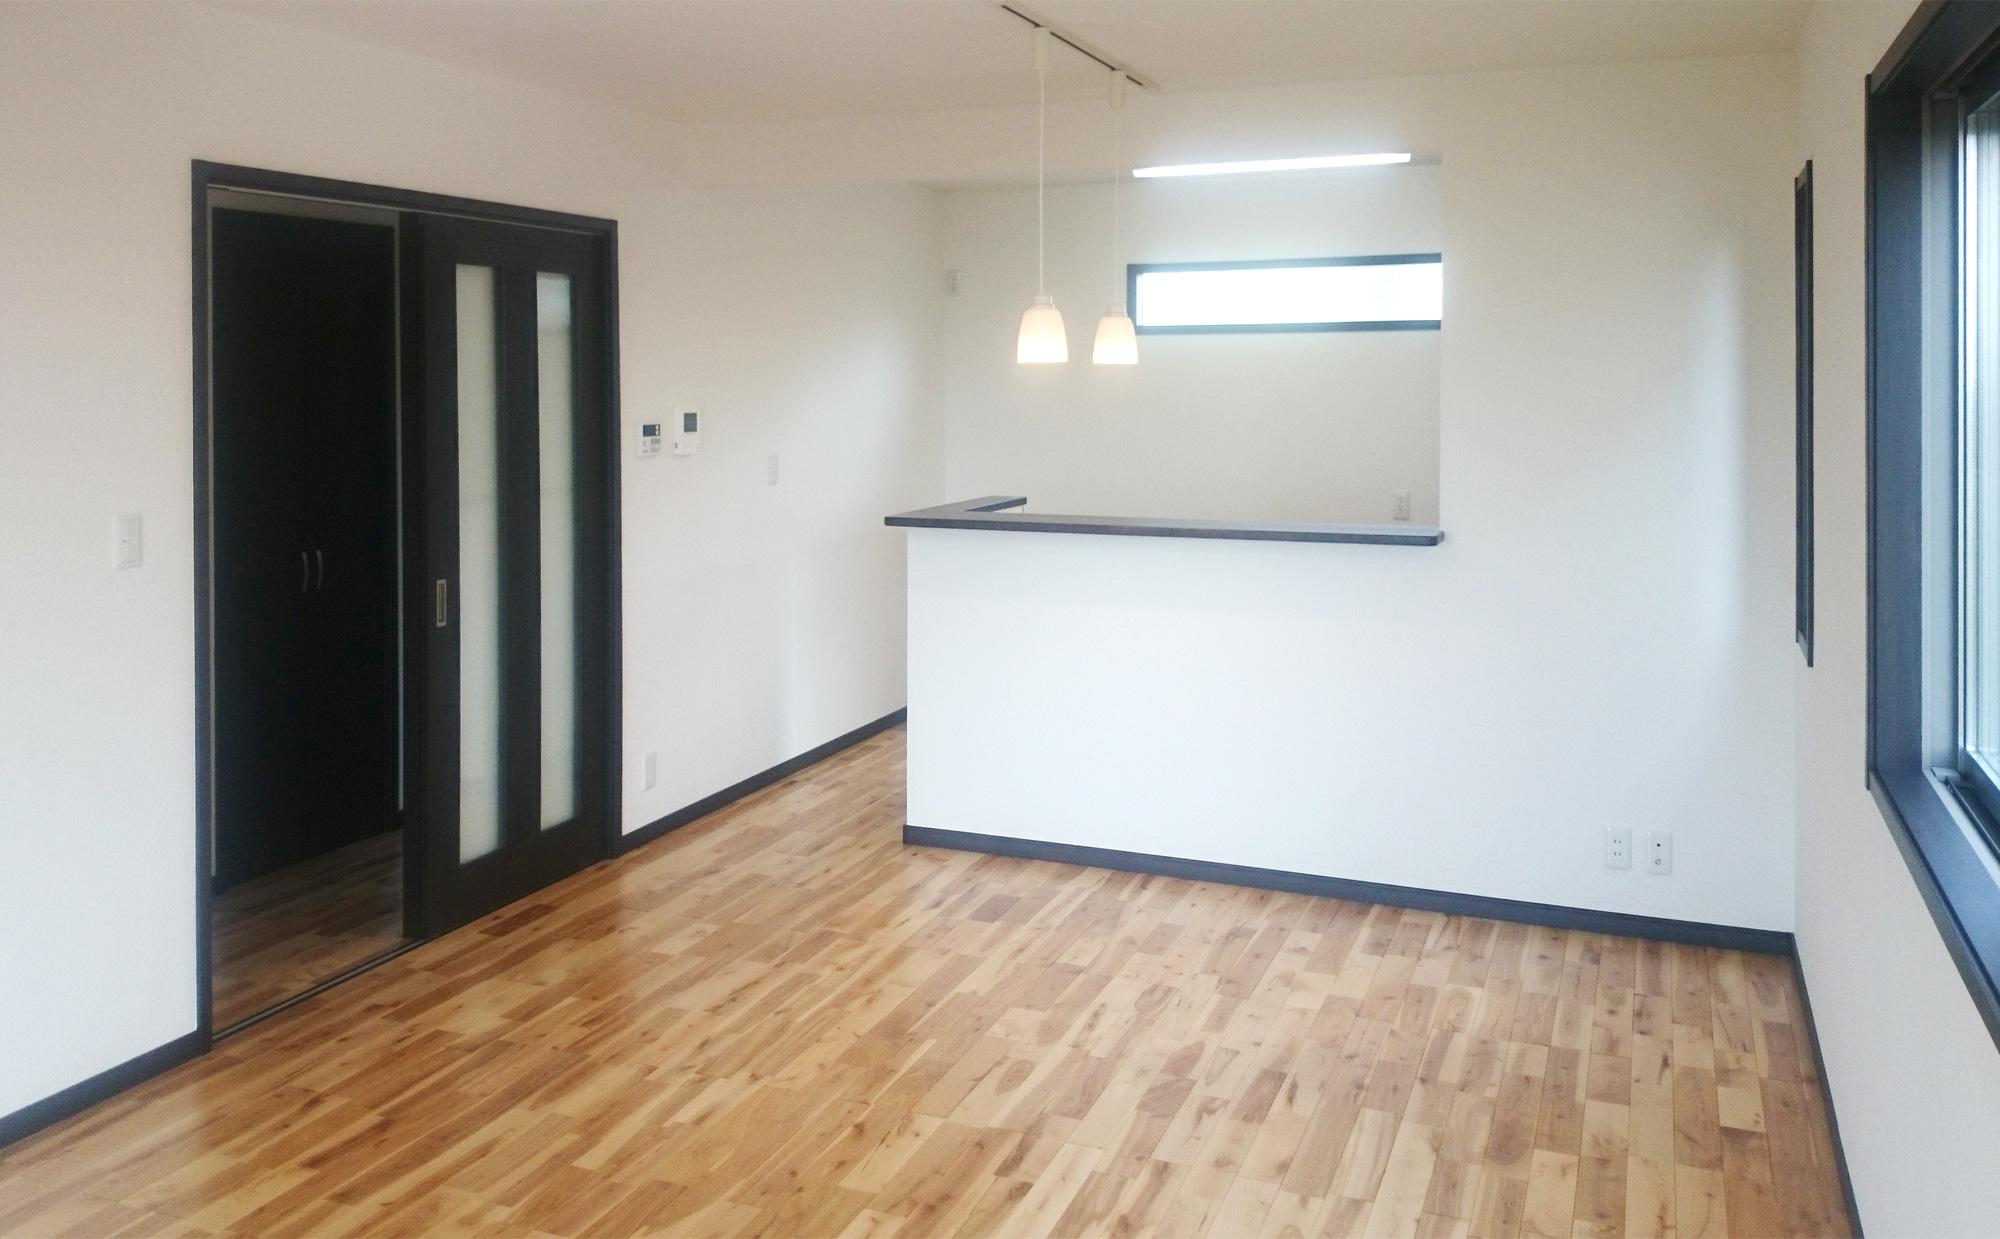 バーチという無垢の床材とその色に合わせた建具で落ち着きのあるLDKになりました。